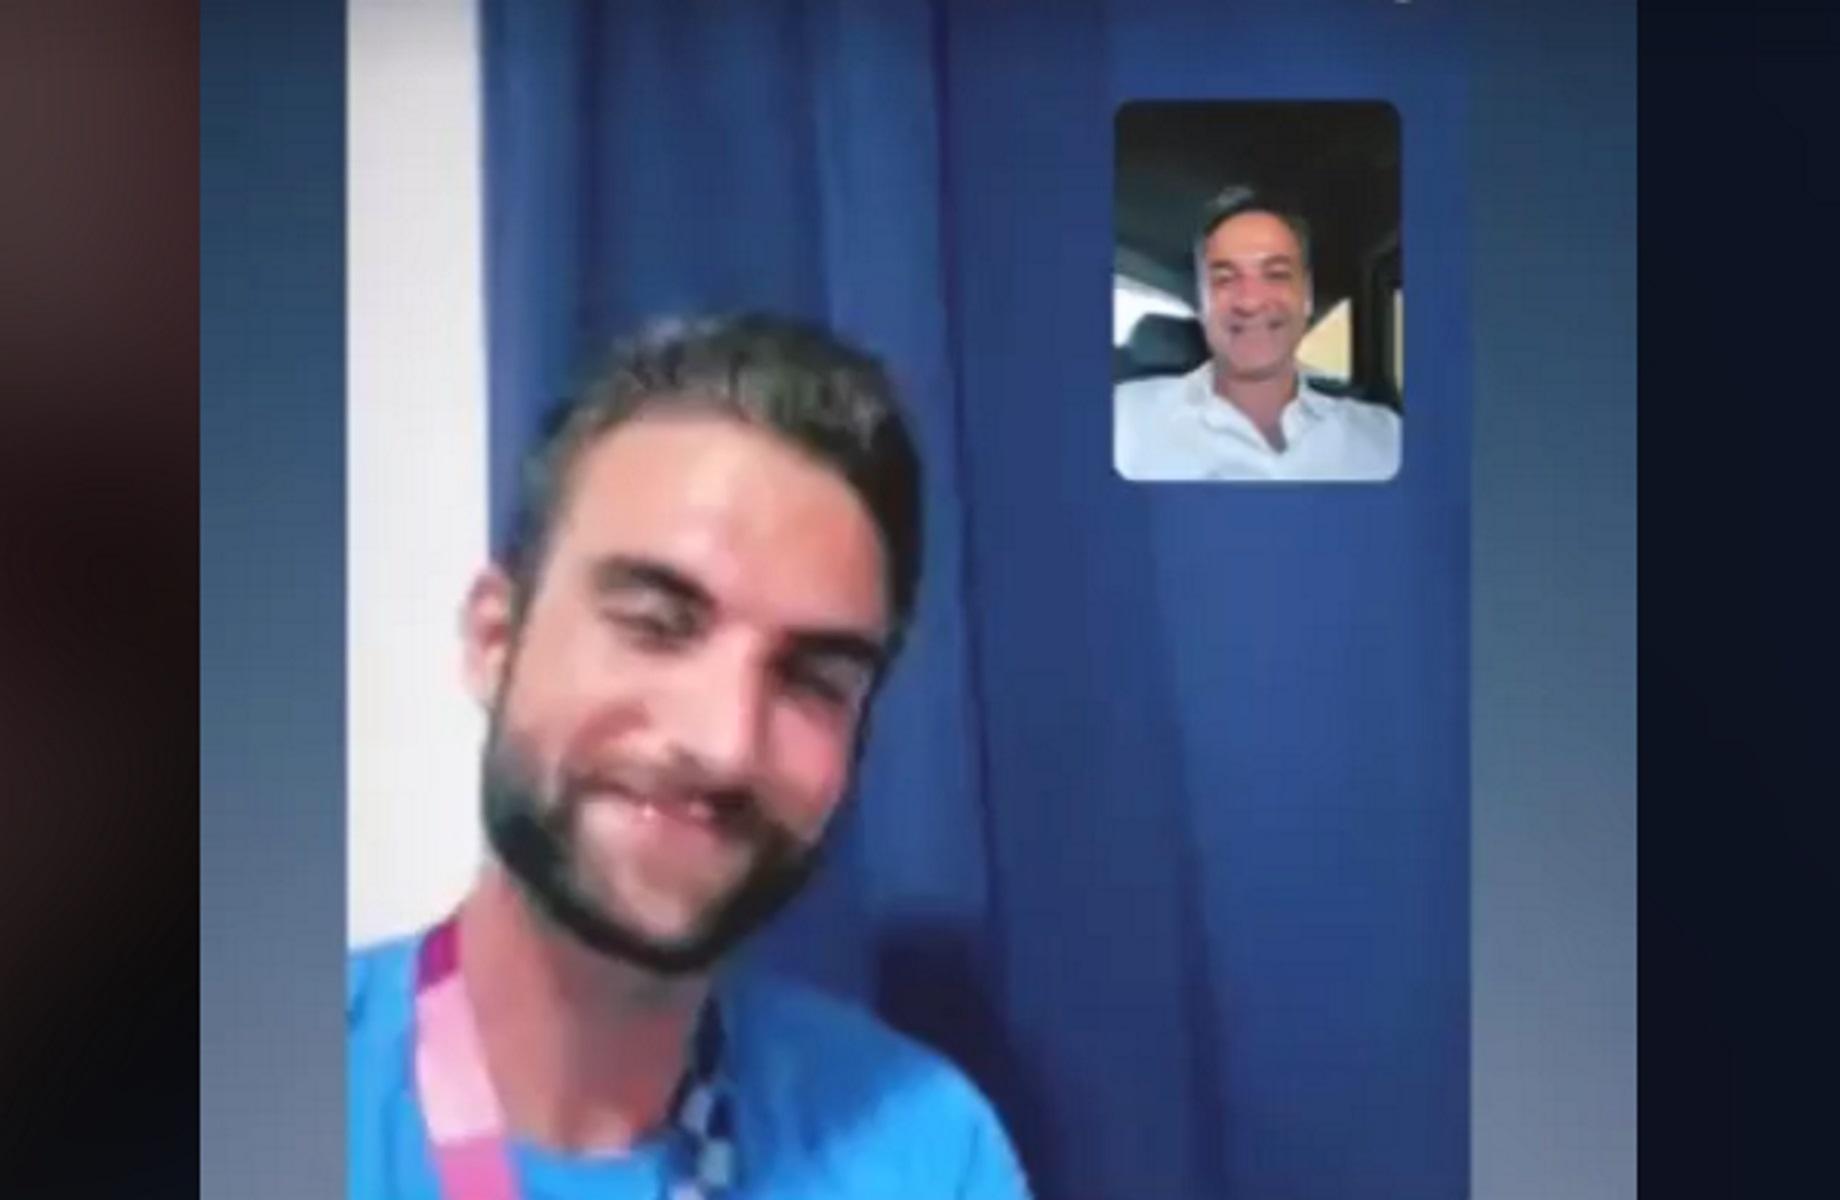 Ολυμπιακοί Αγώνες: Ο Μητσοτάκης κάλεσε με βιντεοκλήση τον «χρυσό» Ντούσκο